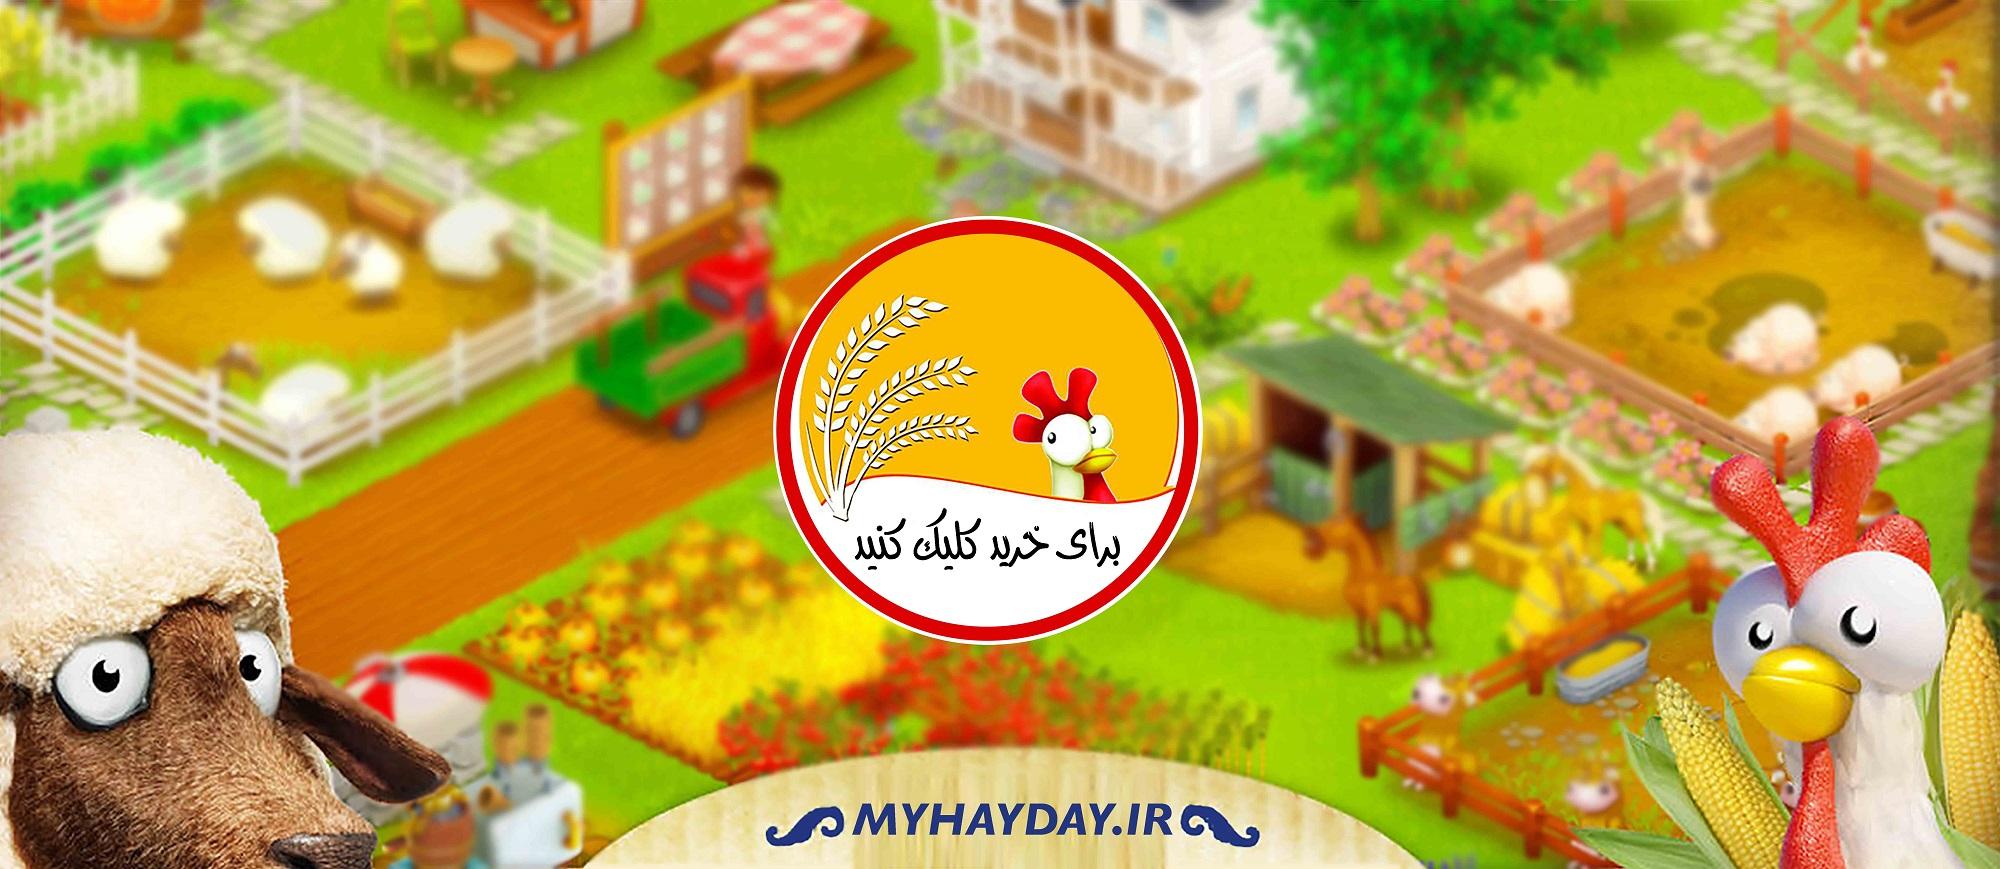 myhaydays